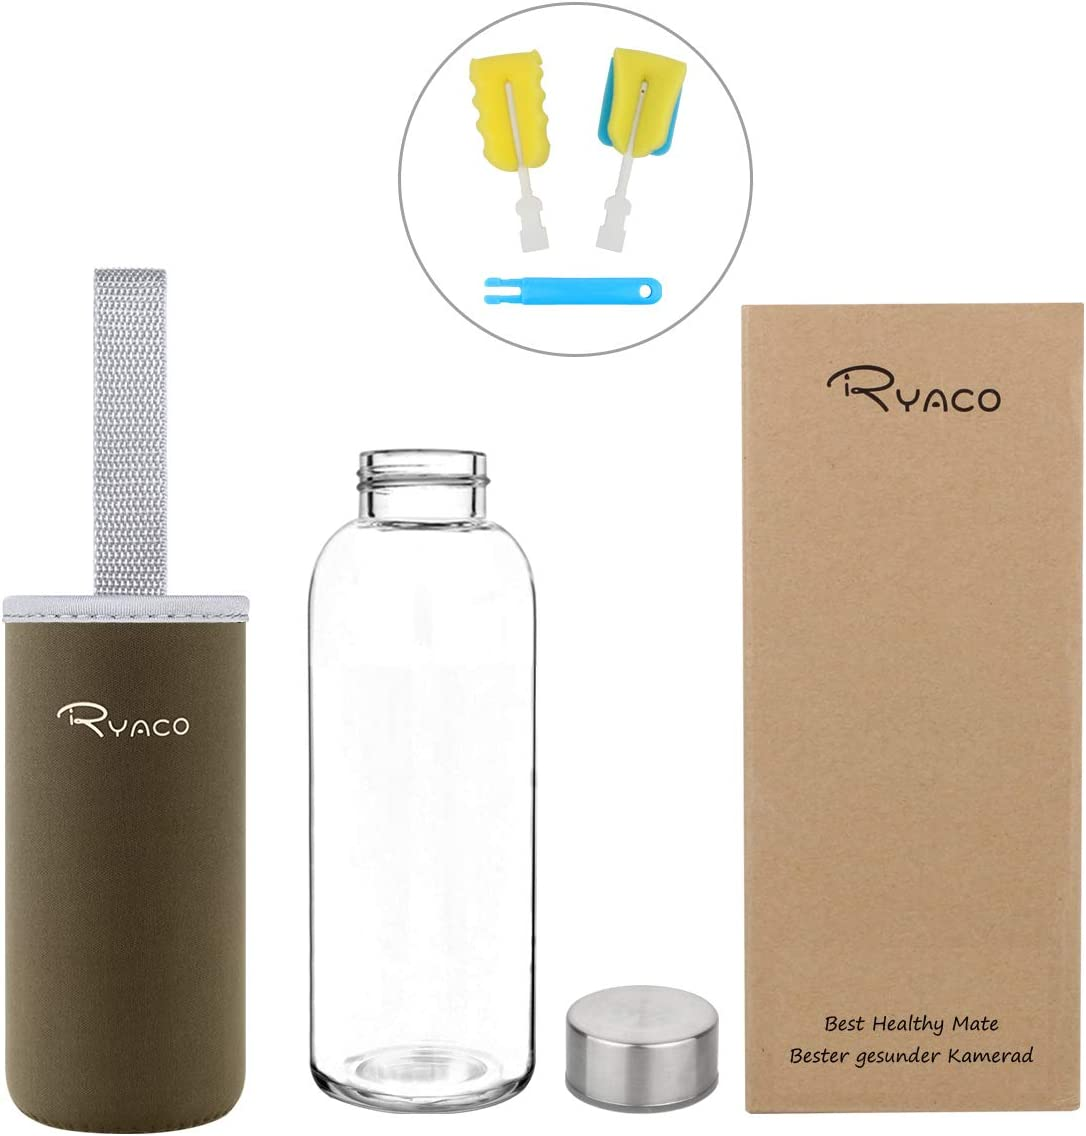 PVC Ryaco 800ml Bouteille en Verre Borosilicate avec Anti-/échaudage Manche en N/éopr/ène et Fond /Épaissi Respectueux de lenvironnement /& sans BPA